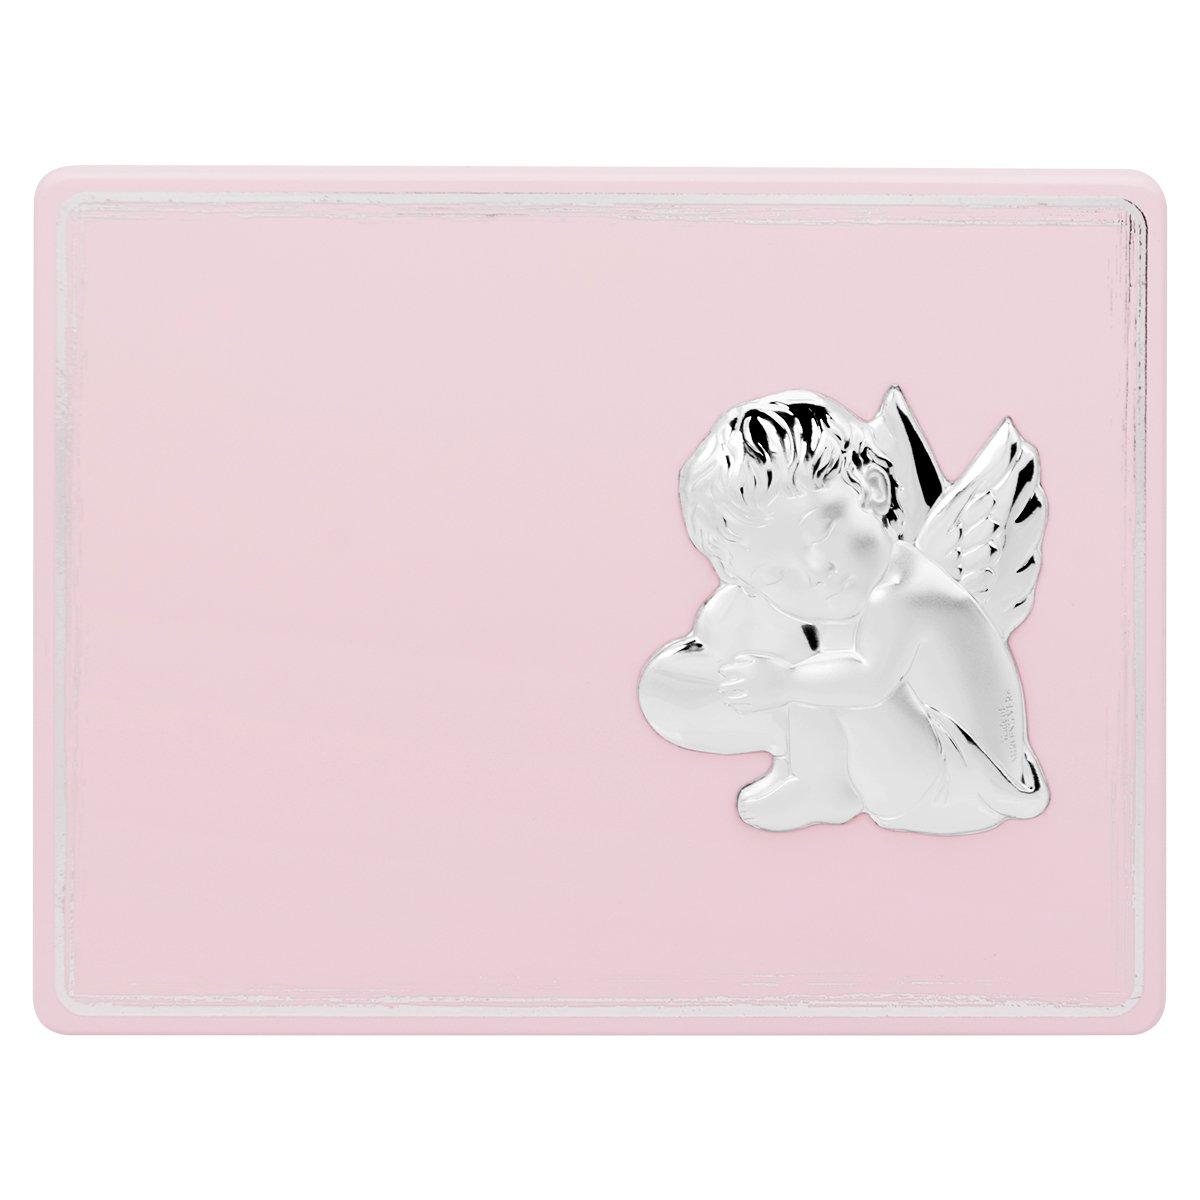 Obrazek na panelu różowym Aniołek 11,5x15 cm Grawer